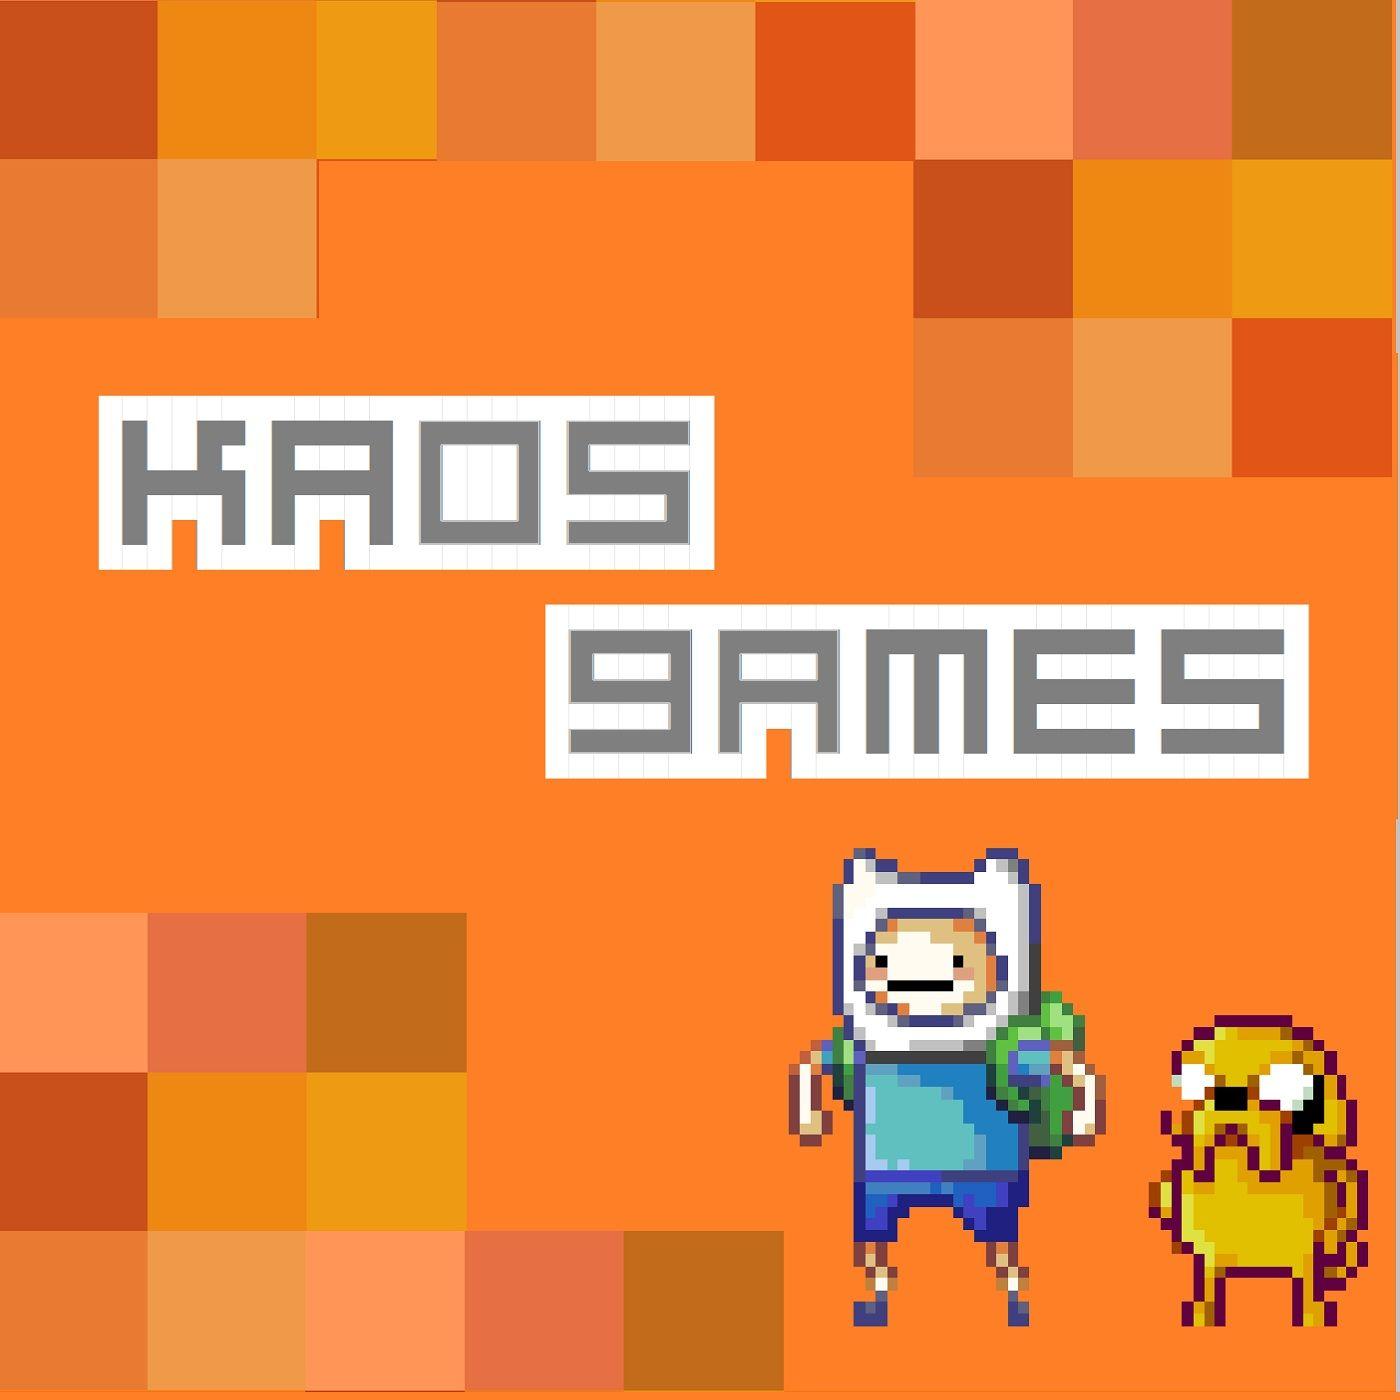 #KaosGames